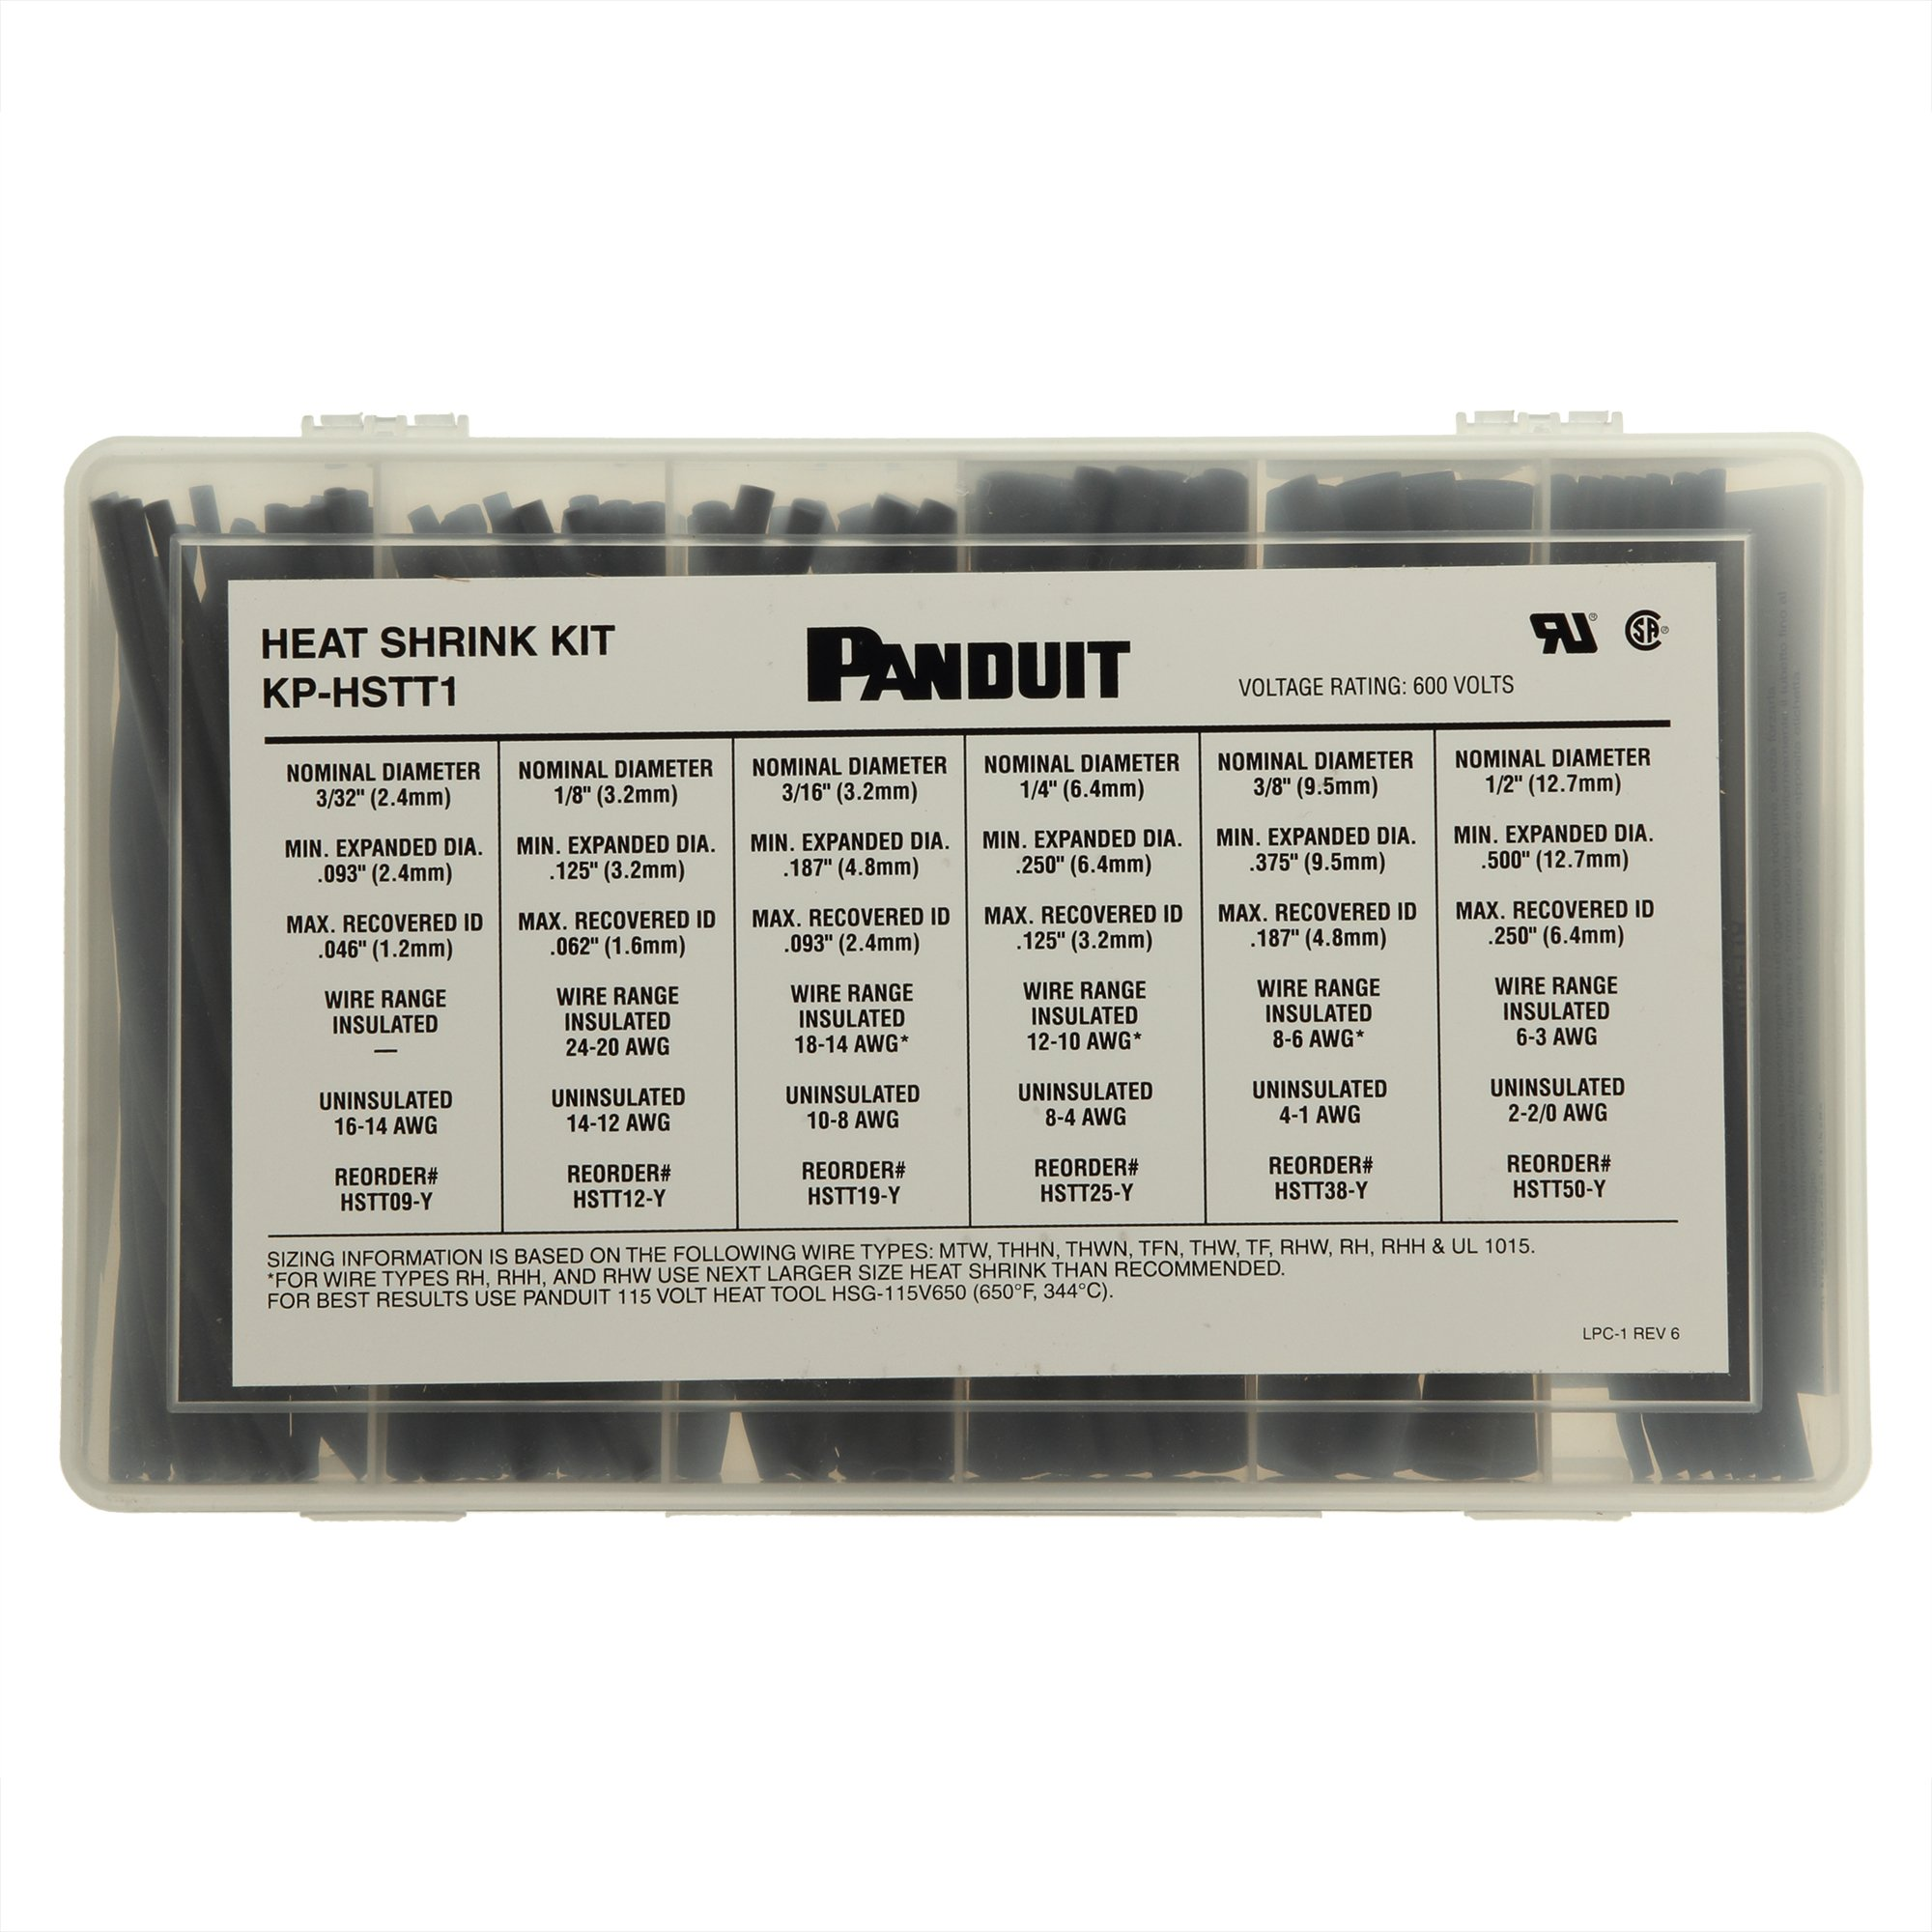 Panduit KP-HSTT1 Cross Linked Polyolefin Heat Shrink Kit, Black